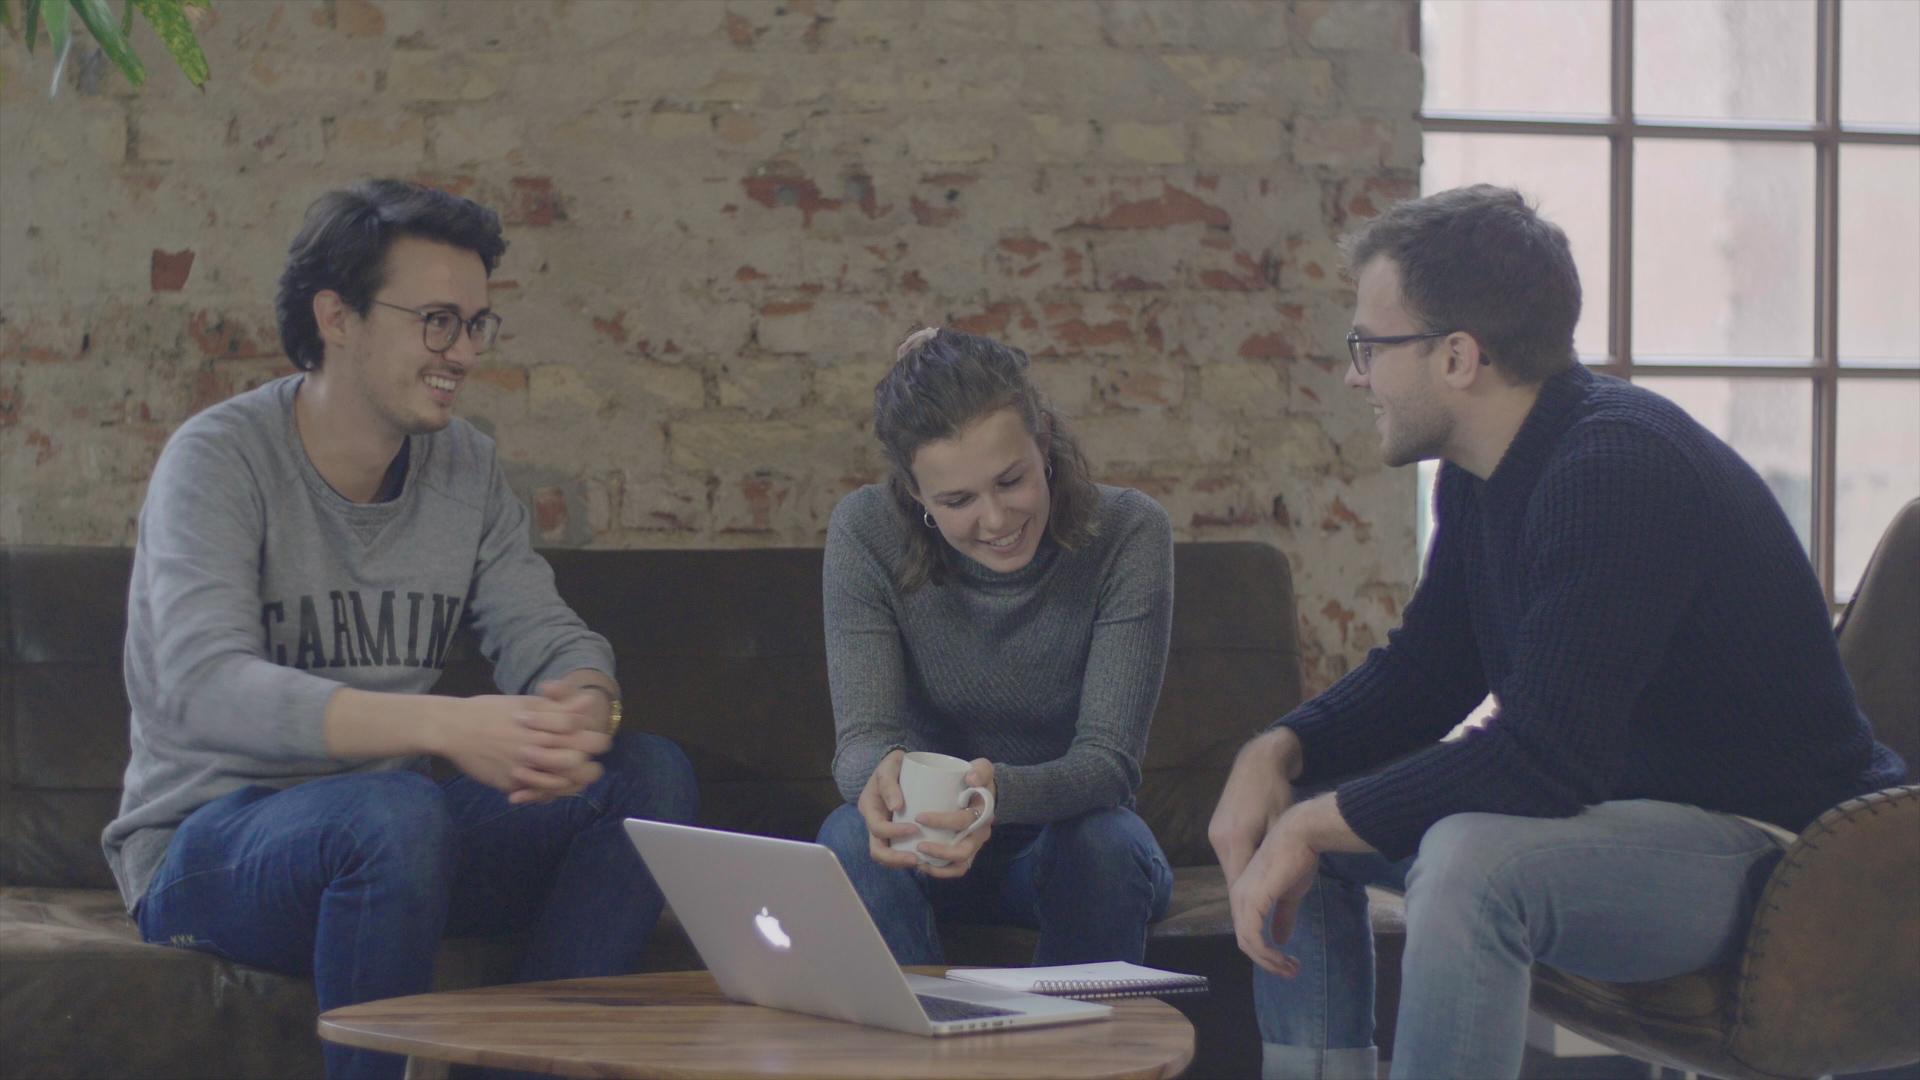 Das Team von auvisus bei einer Besprechung in entspannter Atmosphäre